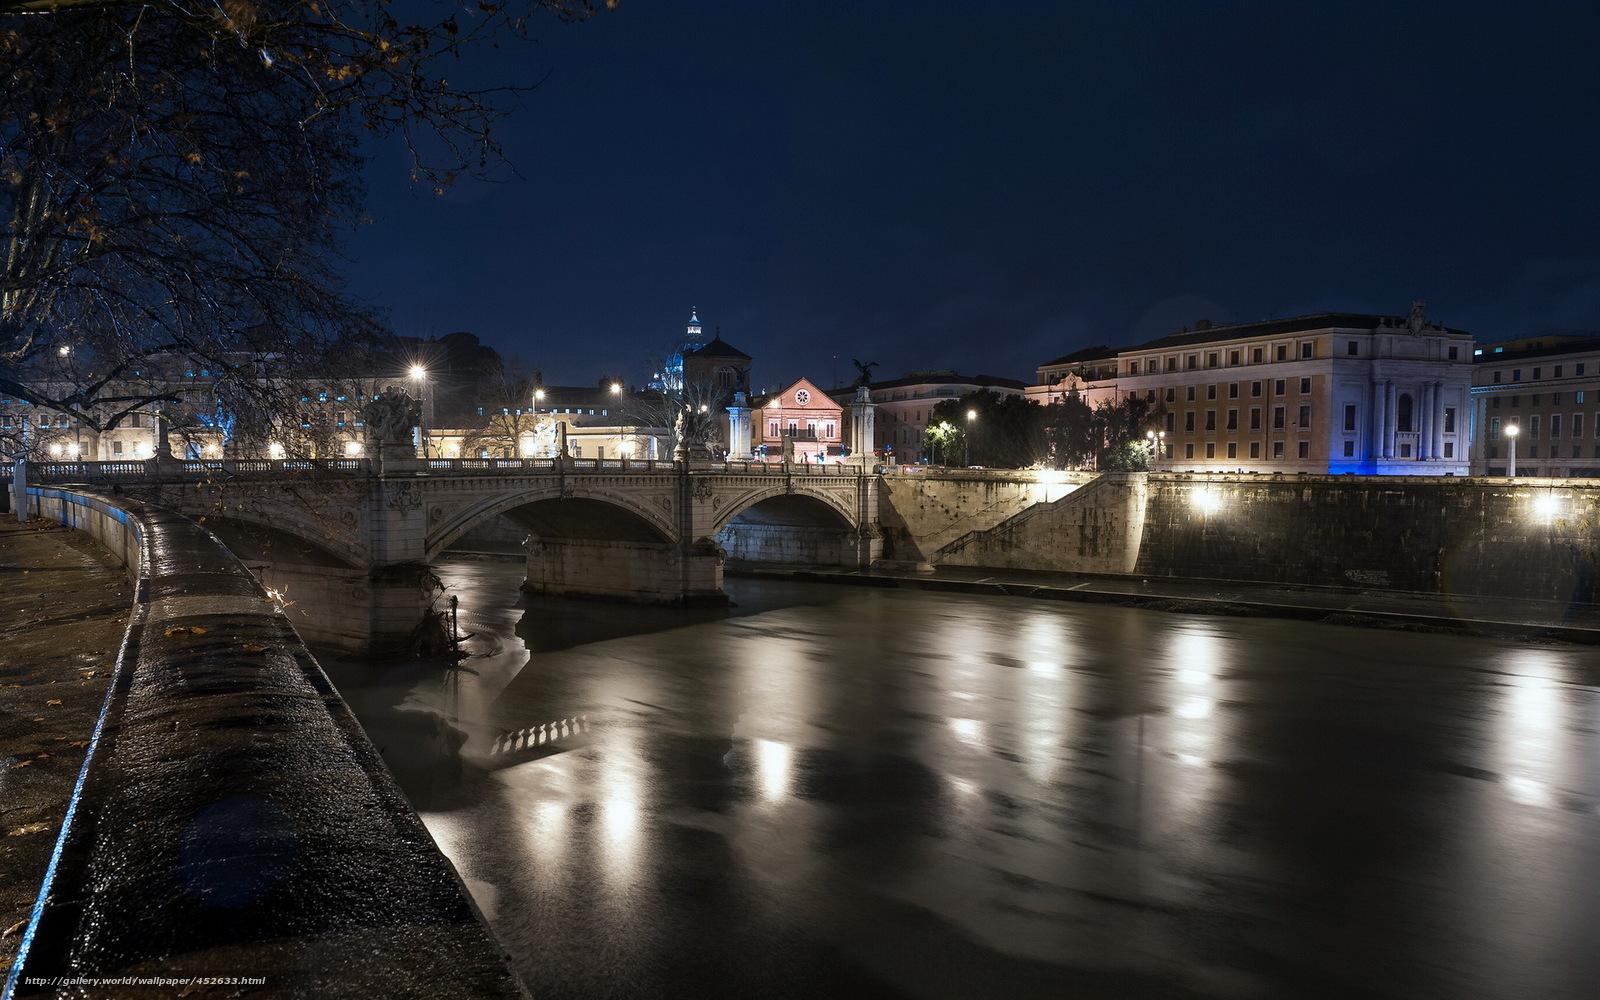 tlcharger fond decran rome - photo #14